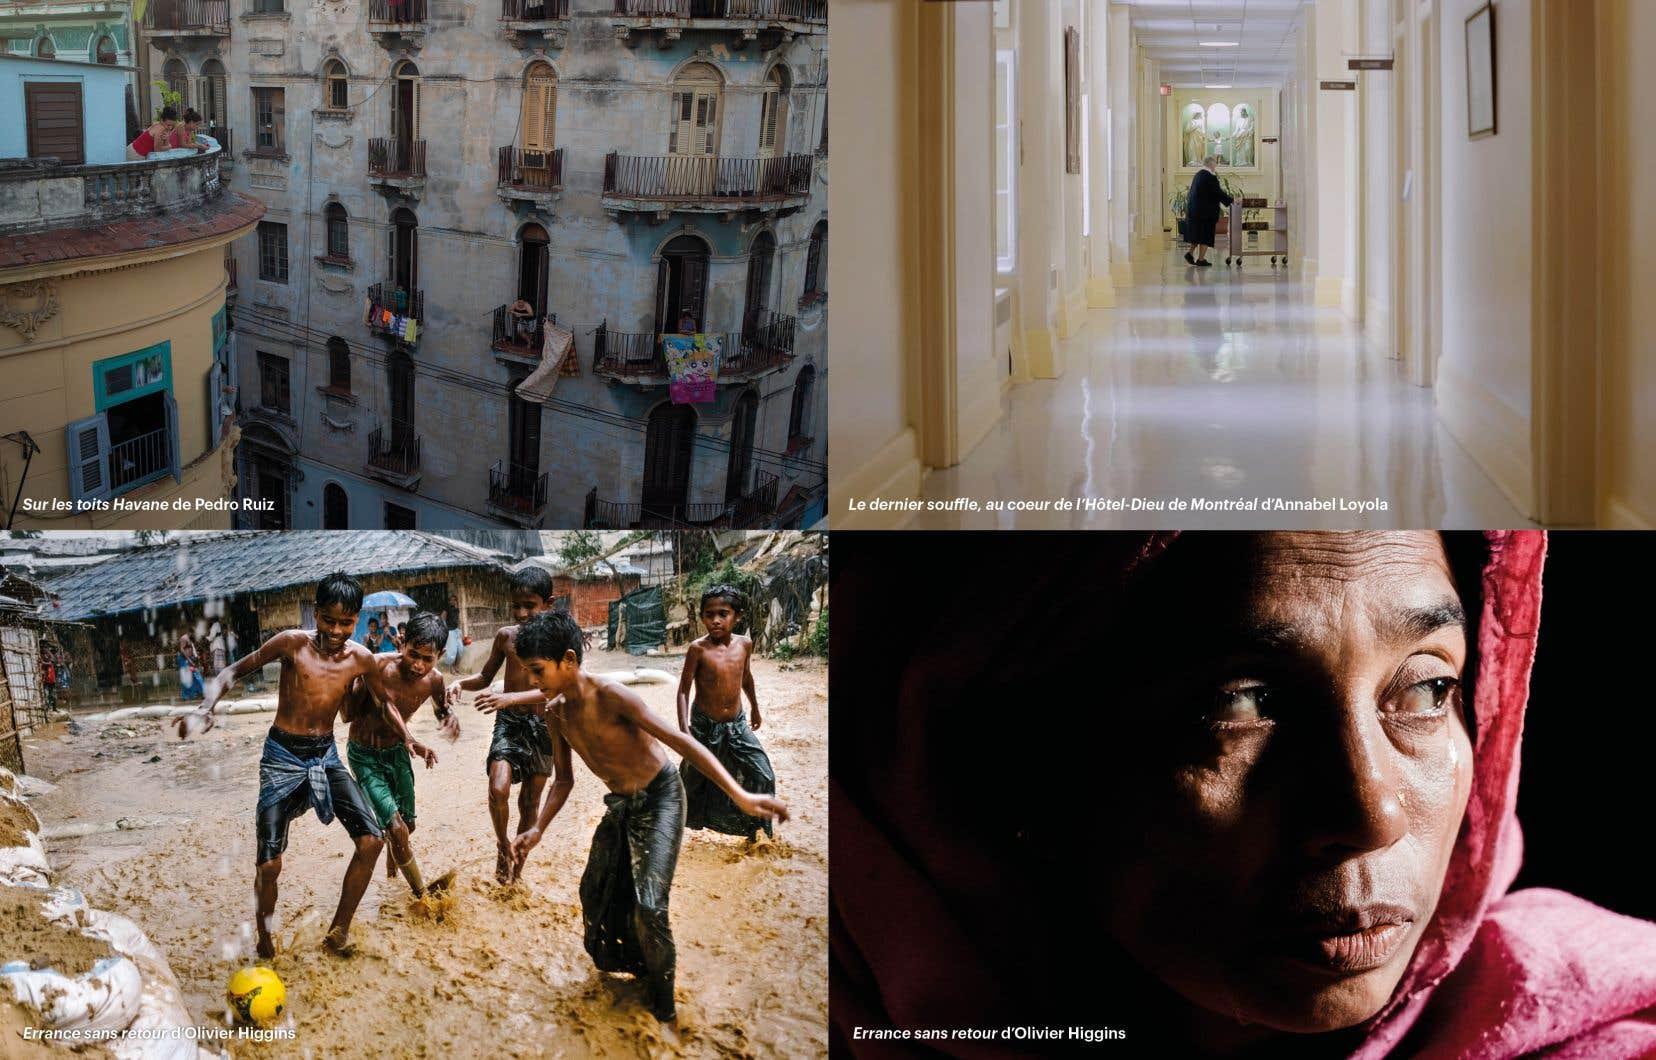 En haut à gauche SUR LES TOITS HAVANE (2018) de Pedro Ruiz, en haut à droite LE DERNIER SOUFFLE, AU COEUR DE L'HÔTEL-DIEU DE MONTRÉAL (2017) de Annabel Loyola, en basERRANCE SANS RETOUR (2020) d'Olivier Higgins, avec la collaboration de Mélanie Carrier.